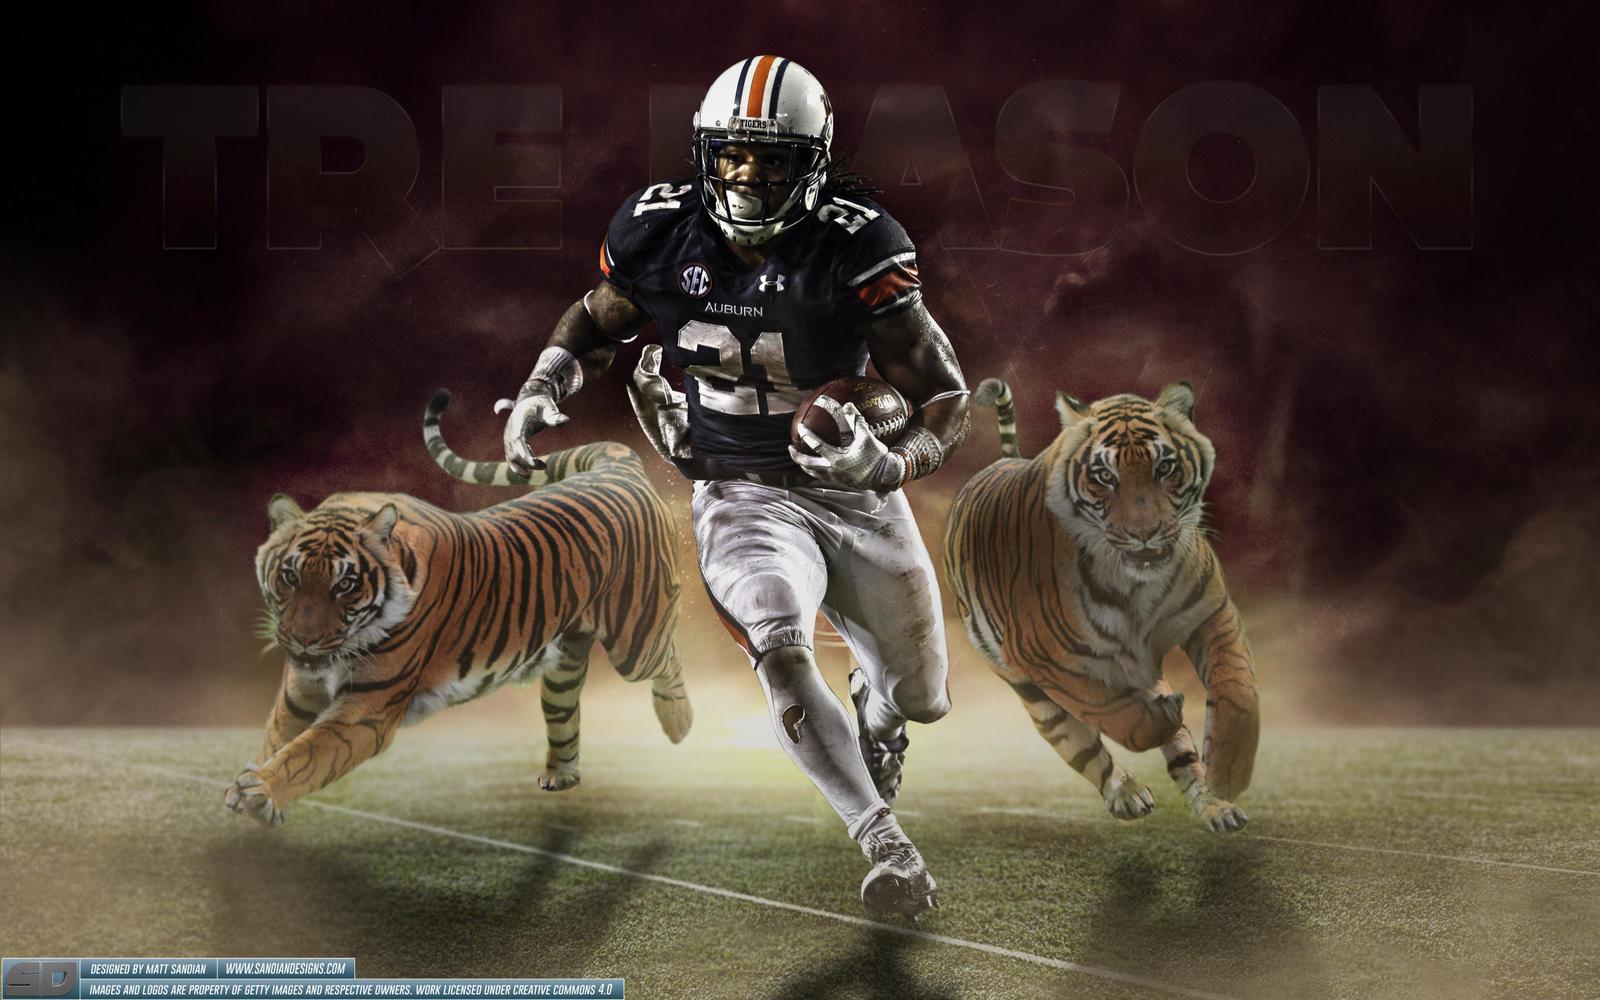 Tre Mason Auburn Tigers Wallpaper by Sanoinoi on DeviantArt